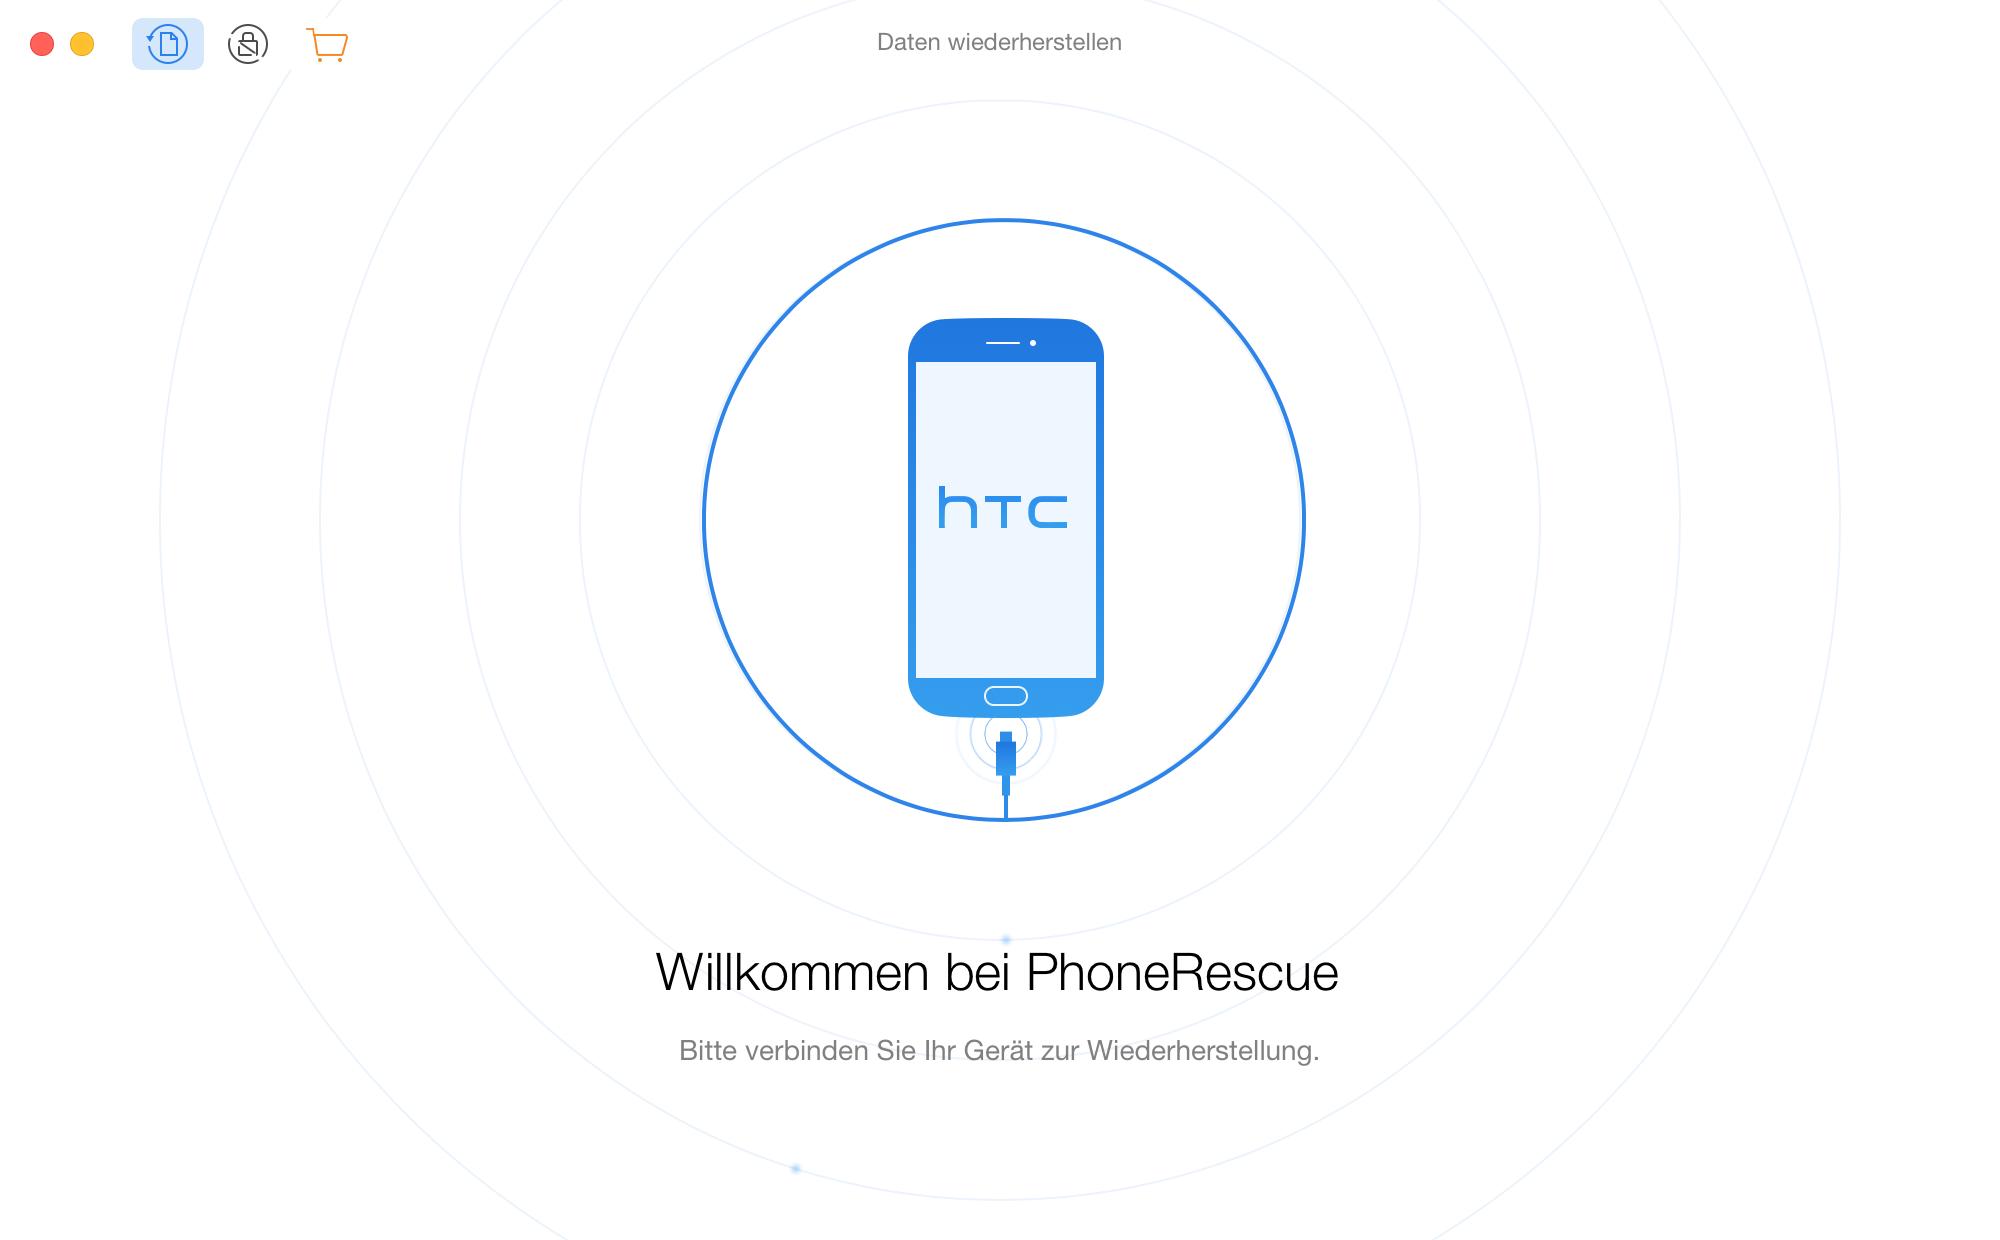 HTC-Gerät verbinden